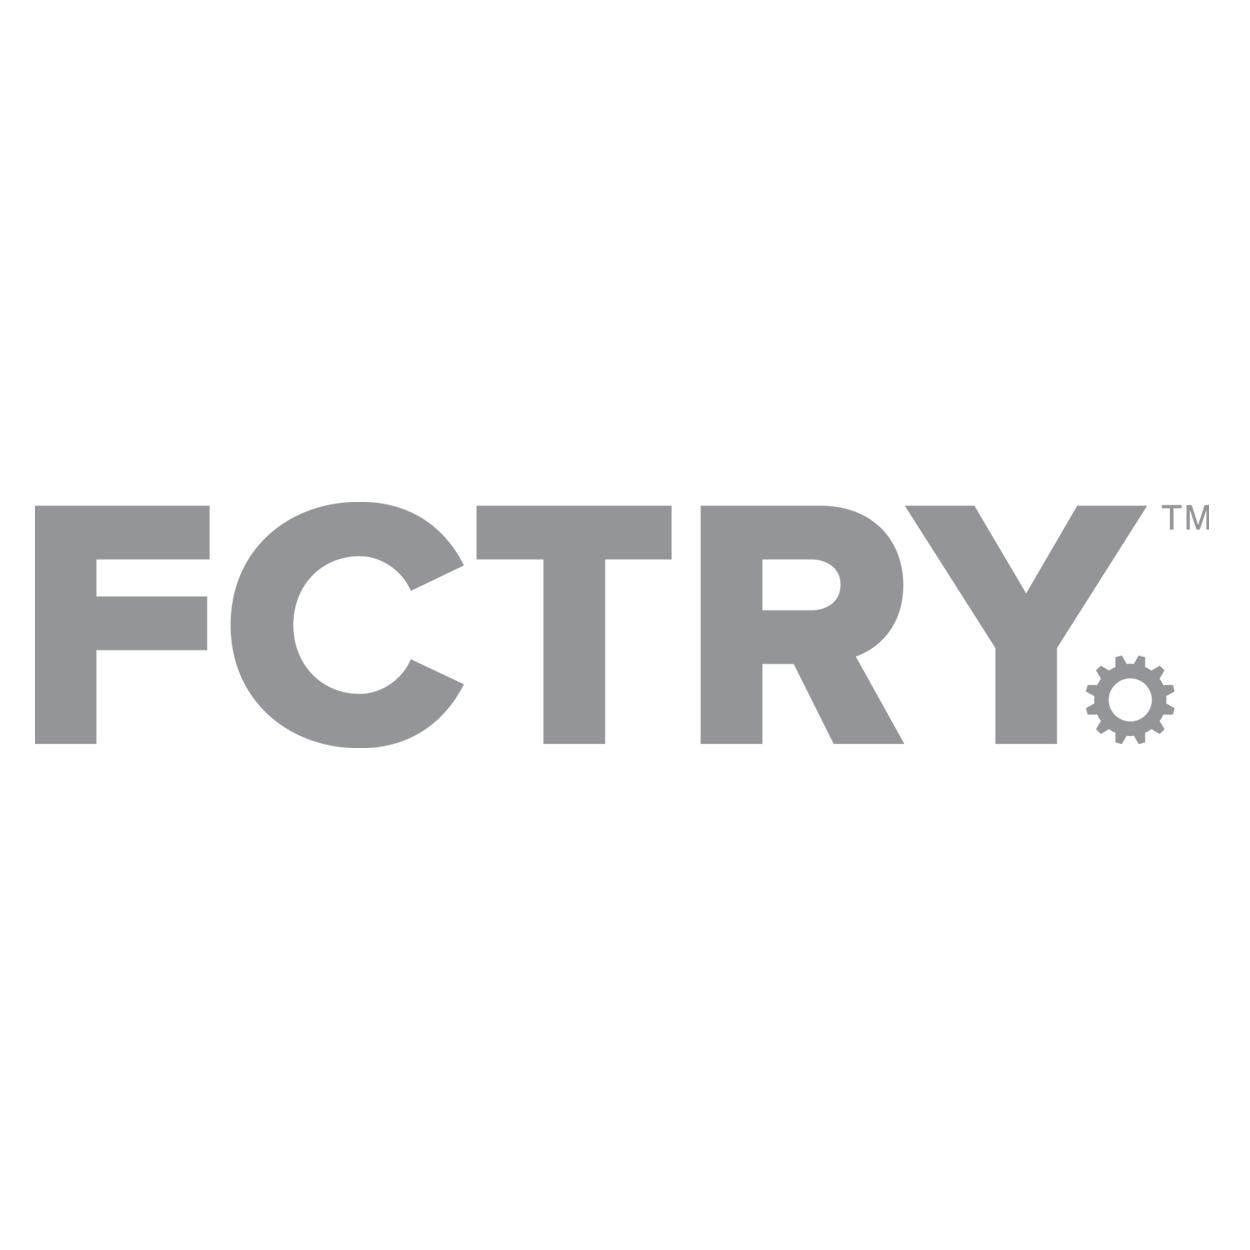 FCTRY